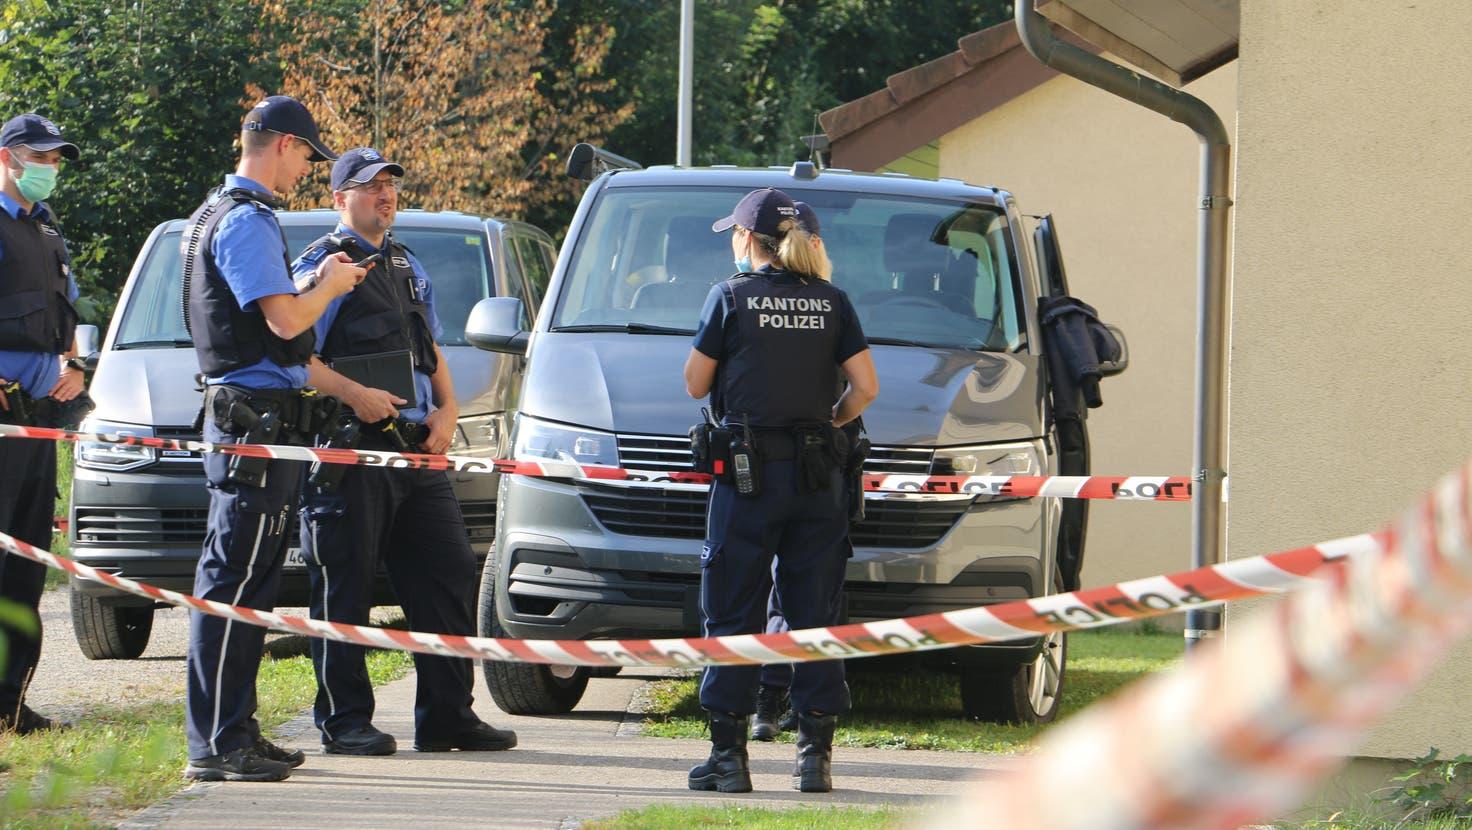 Bei den Ermittlungen konnte die Polizei ein Messer als mutmassliche Tatwaffe sicherstellen. (Dennis Kalt / «Aargauer Zeitung»)